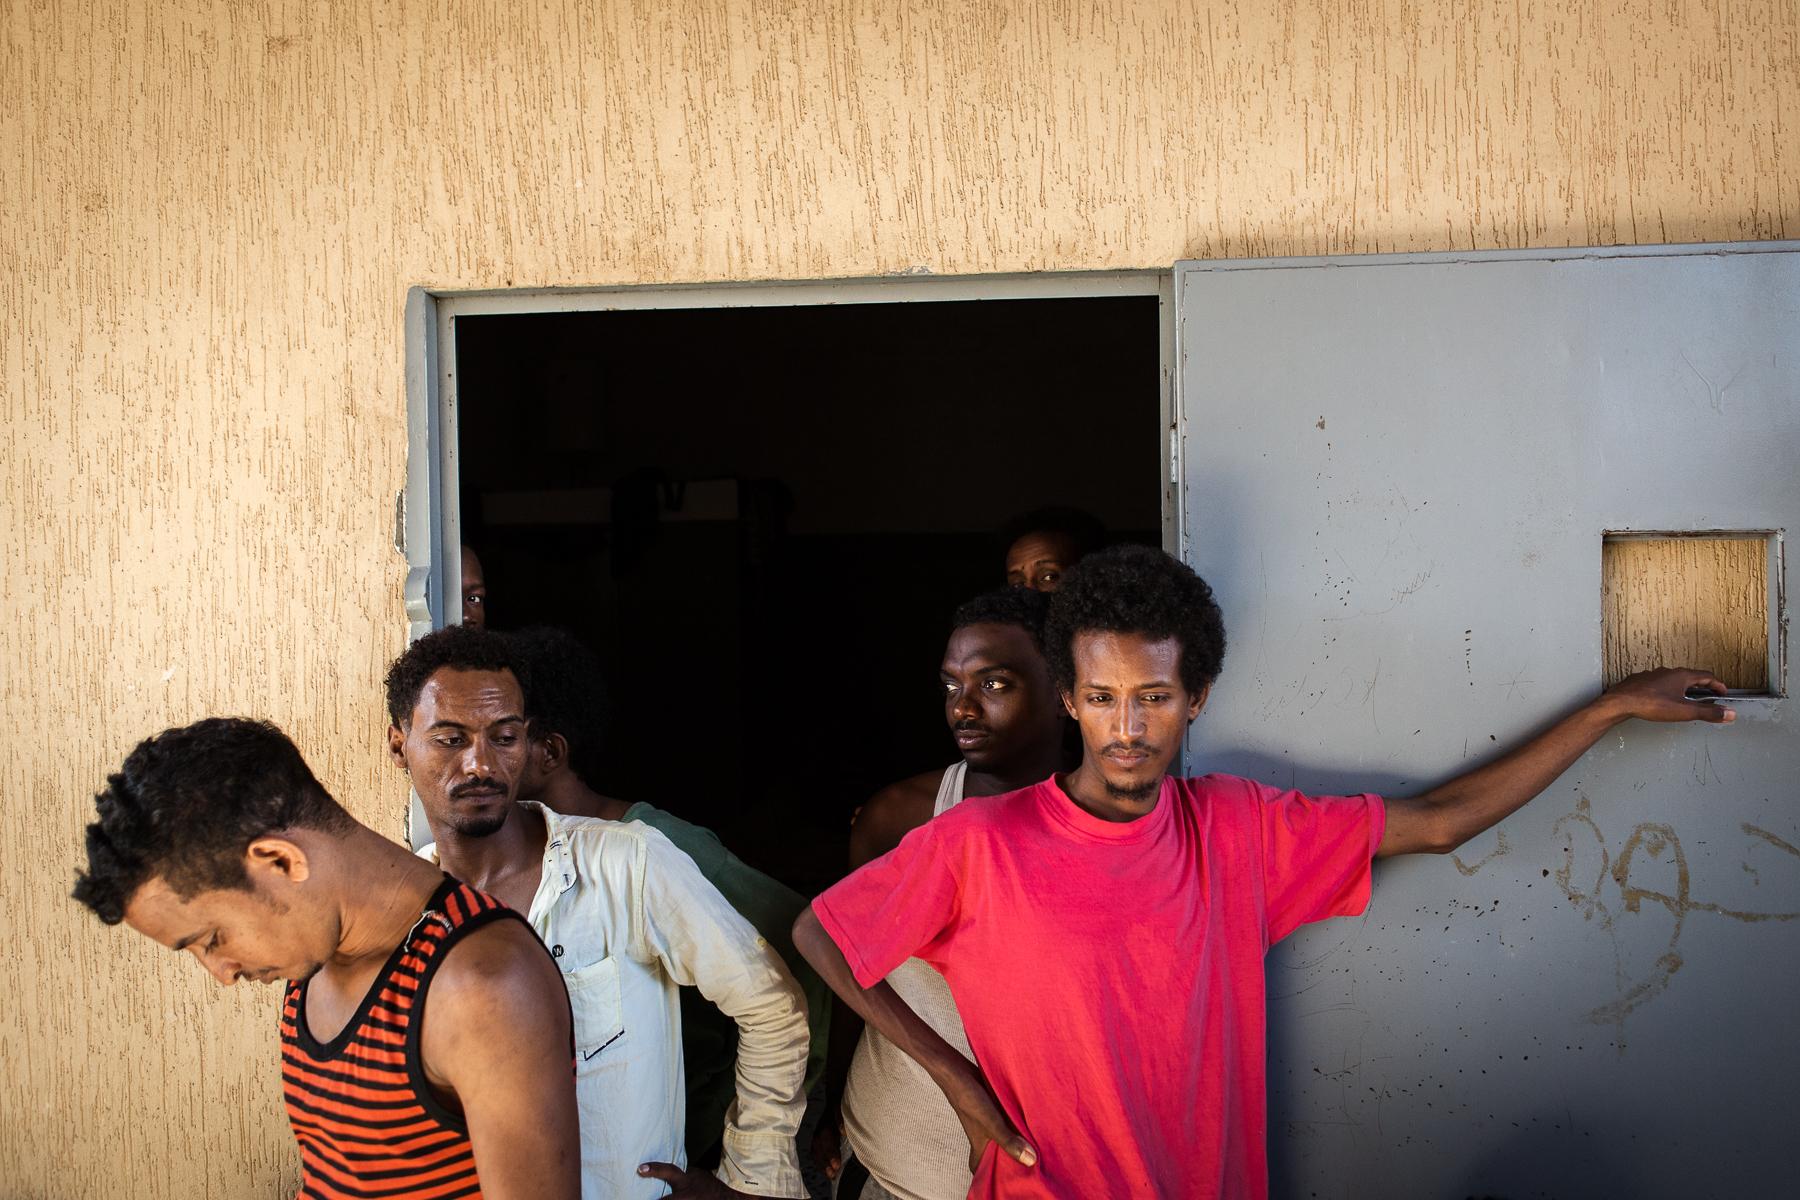 Tripoli, le 4 Juillet 2015. Centre de détention pour migrants illégaux à Garabouli, dans la région de Tripoli. Le gouvernement de Fajr Libya, installé à Tripoli, est en recherche de reconnaissance de la part de la communauté internationale. Conscients que les conditions de vie dans les camps sont difficiles, ils demandent de l'aide financière et logistique à l'occident pour réussir à gérer la migration illégale transitant par son territoire.   Tripoli, 4th of July 2015. Detention camp for illegal migrants in garabuli, next to tripoli. Fajr Libya government (dawn of libya) is seeking for international recognition. They say they need an international aid (logistics and financial) to improve the difficult life conditions in these detention centers as well as the management of illegal migration in their country.